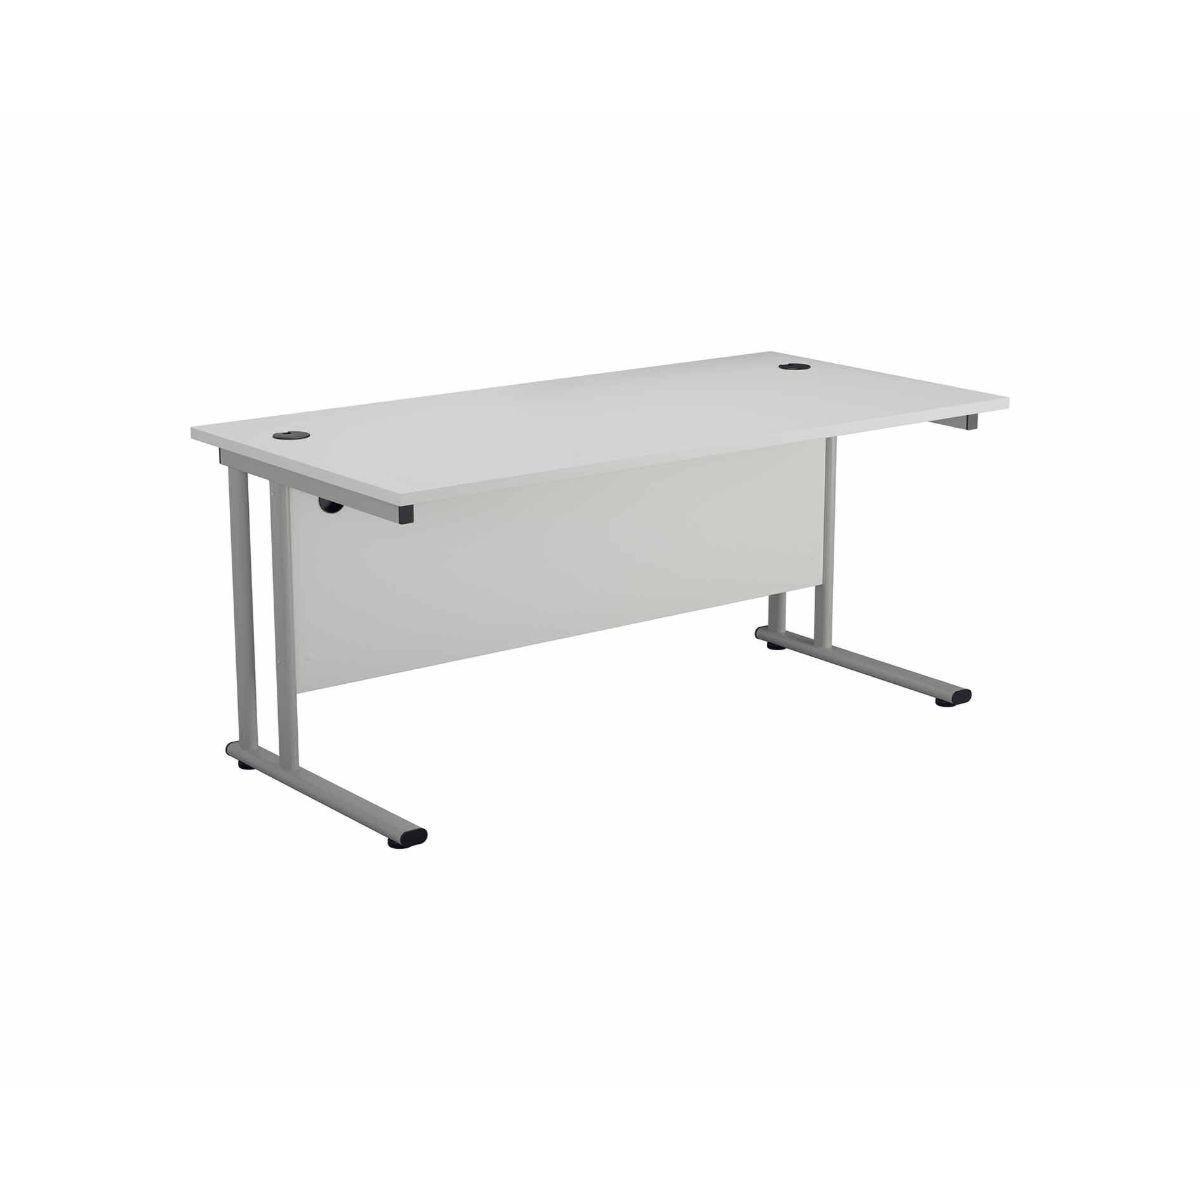 TC Office Start Silver Cantilever Frame Desk 1800x800mm White